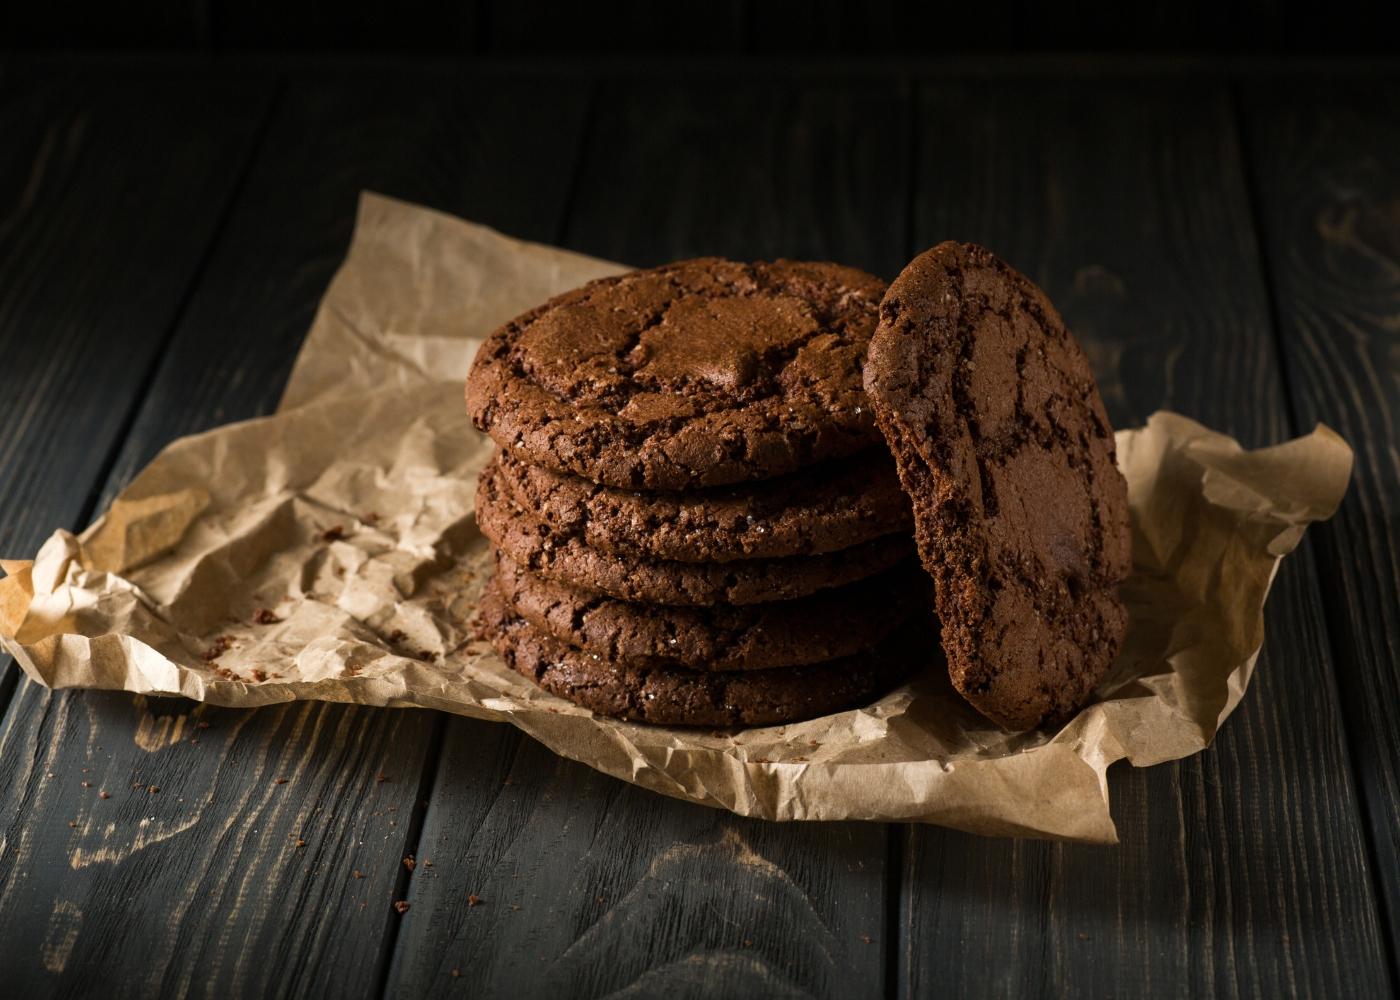 monte de biscoitos de chocolate e menta